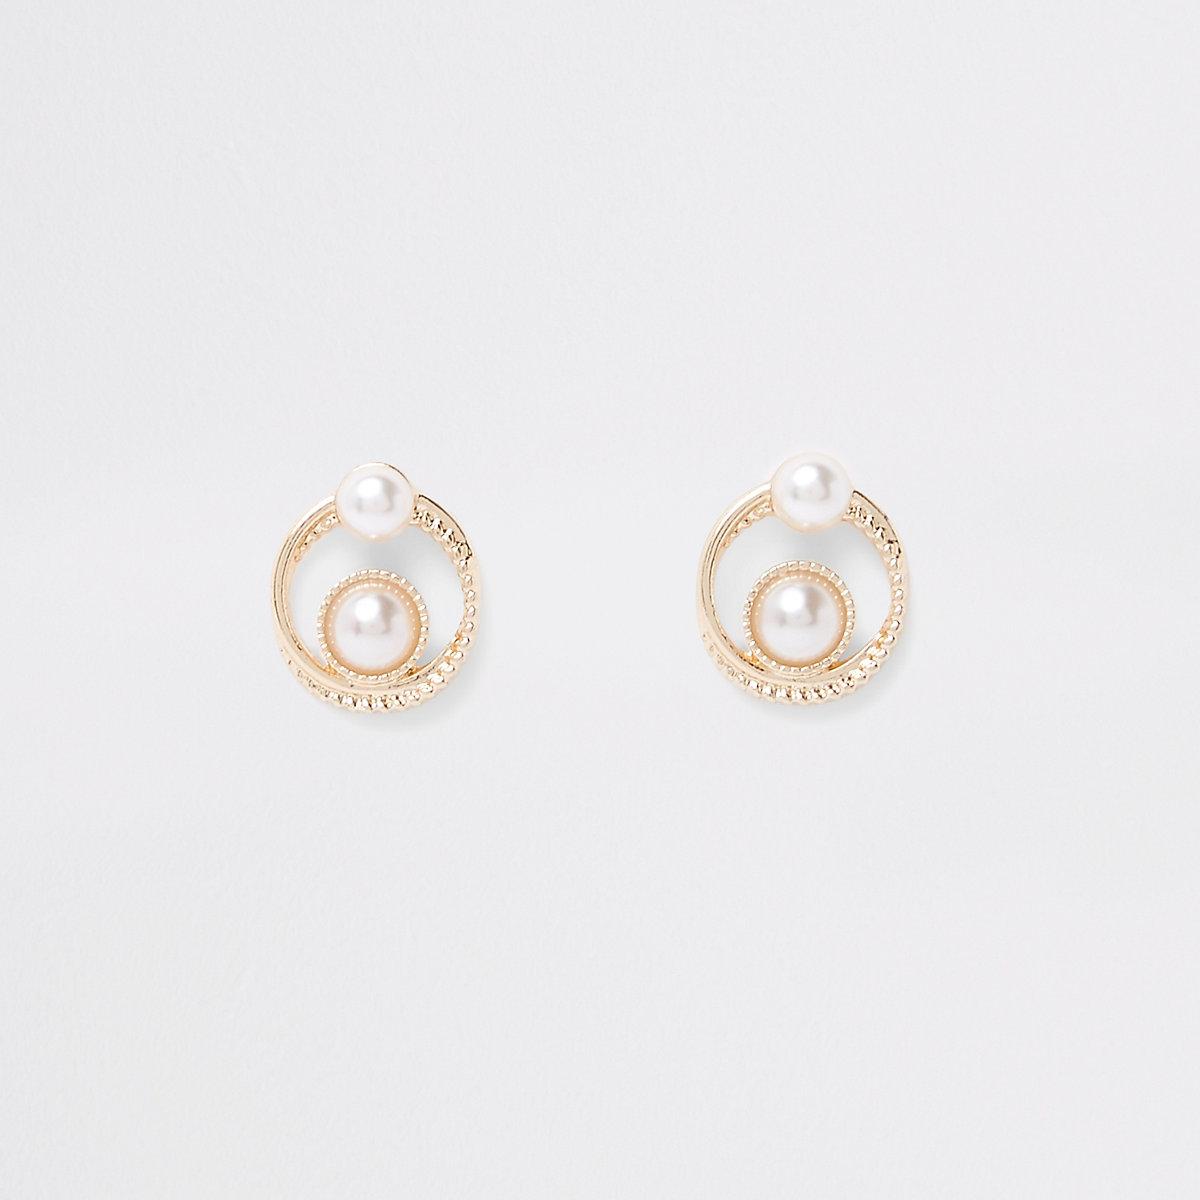 Gold tone double pearl swirl stud earrings